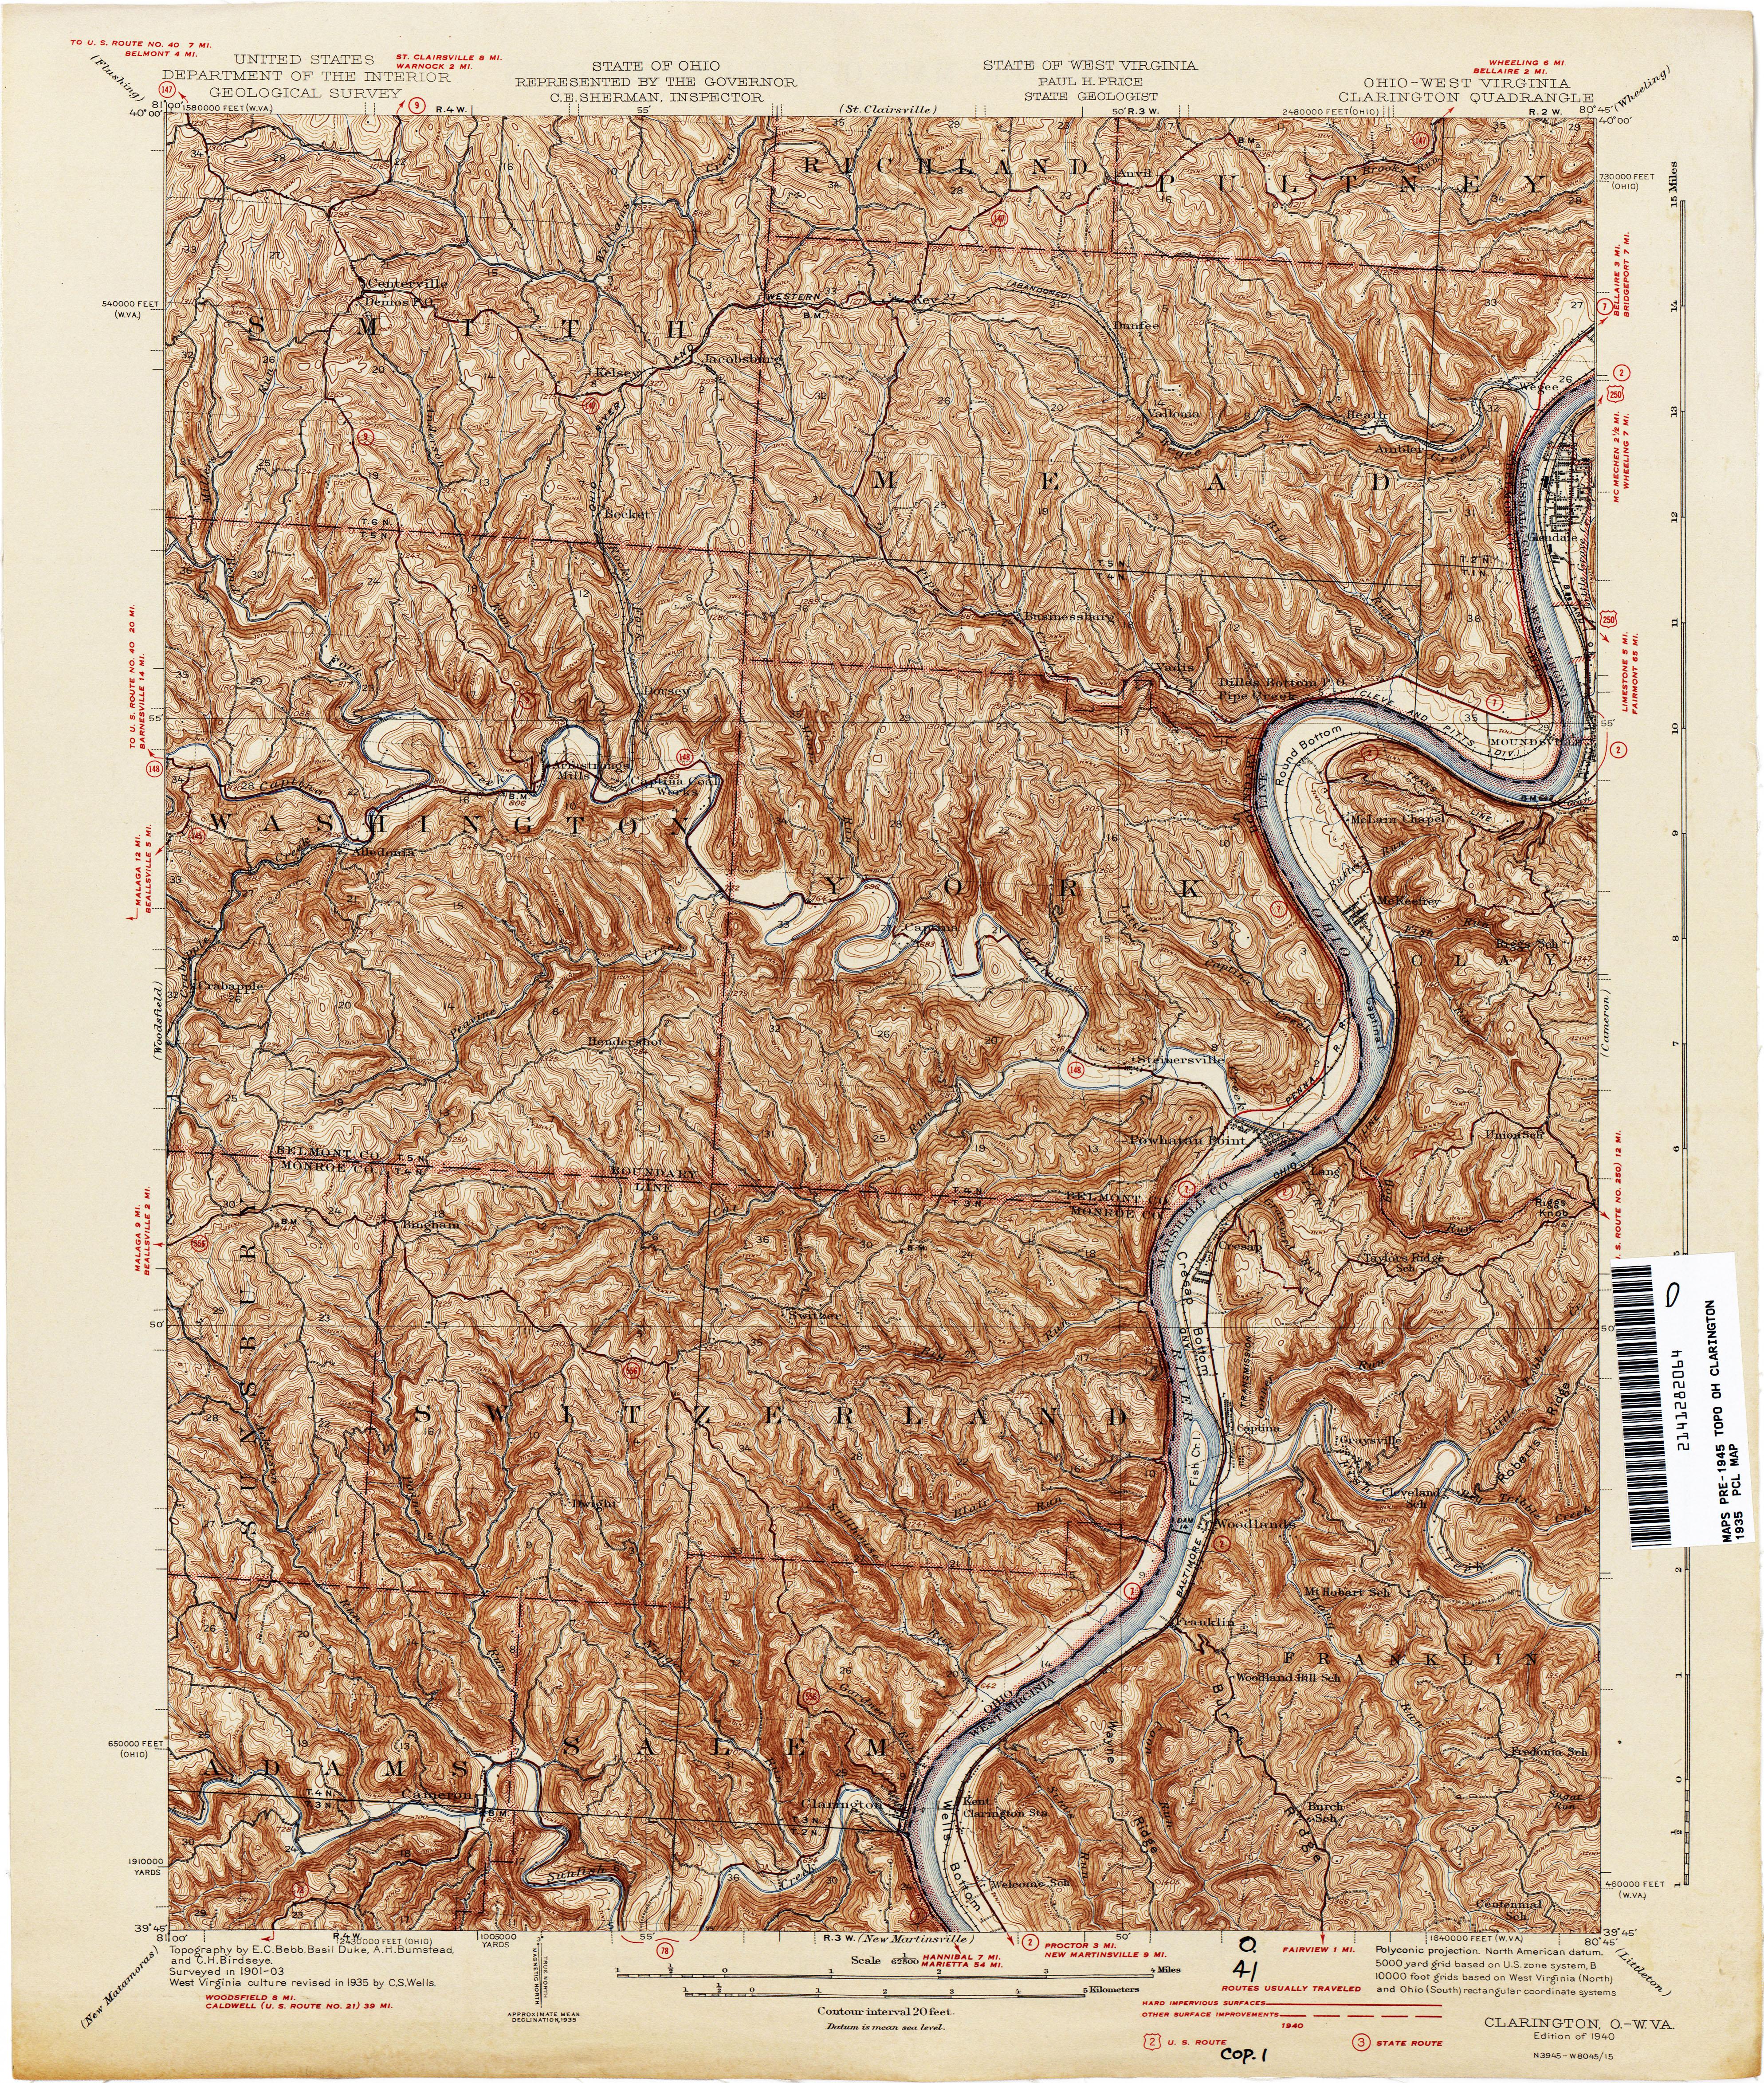 Clarington Ohio West Virginia 1935 1 62 500 10 2mb